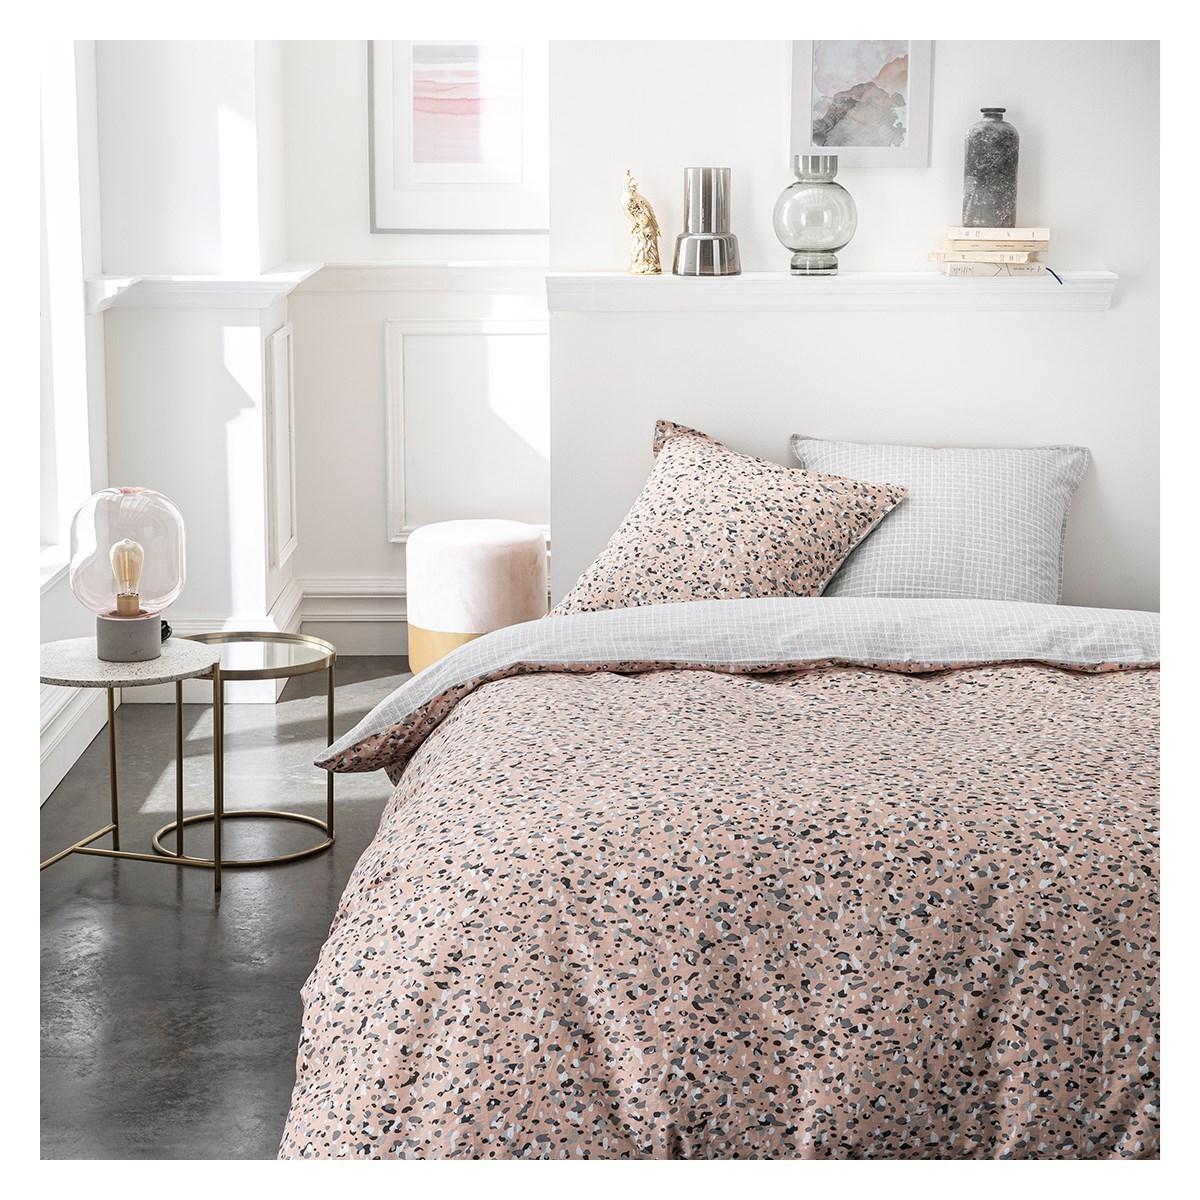 Parure de lit 2 personnes imprimé en Coton Rose 240x260 cm